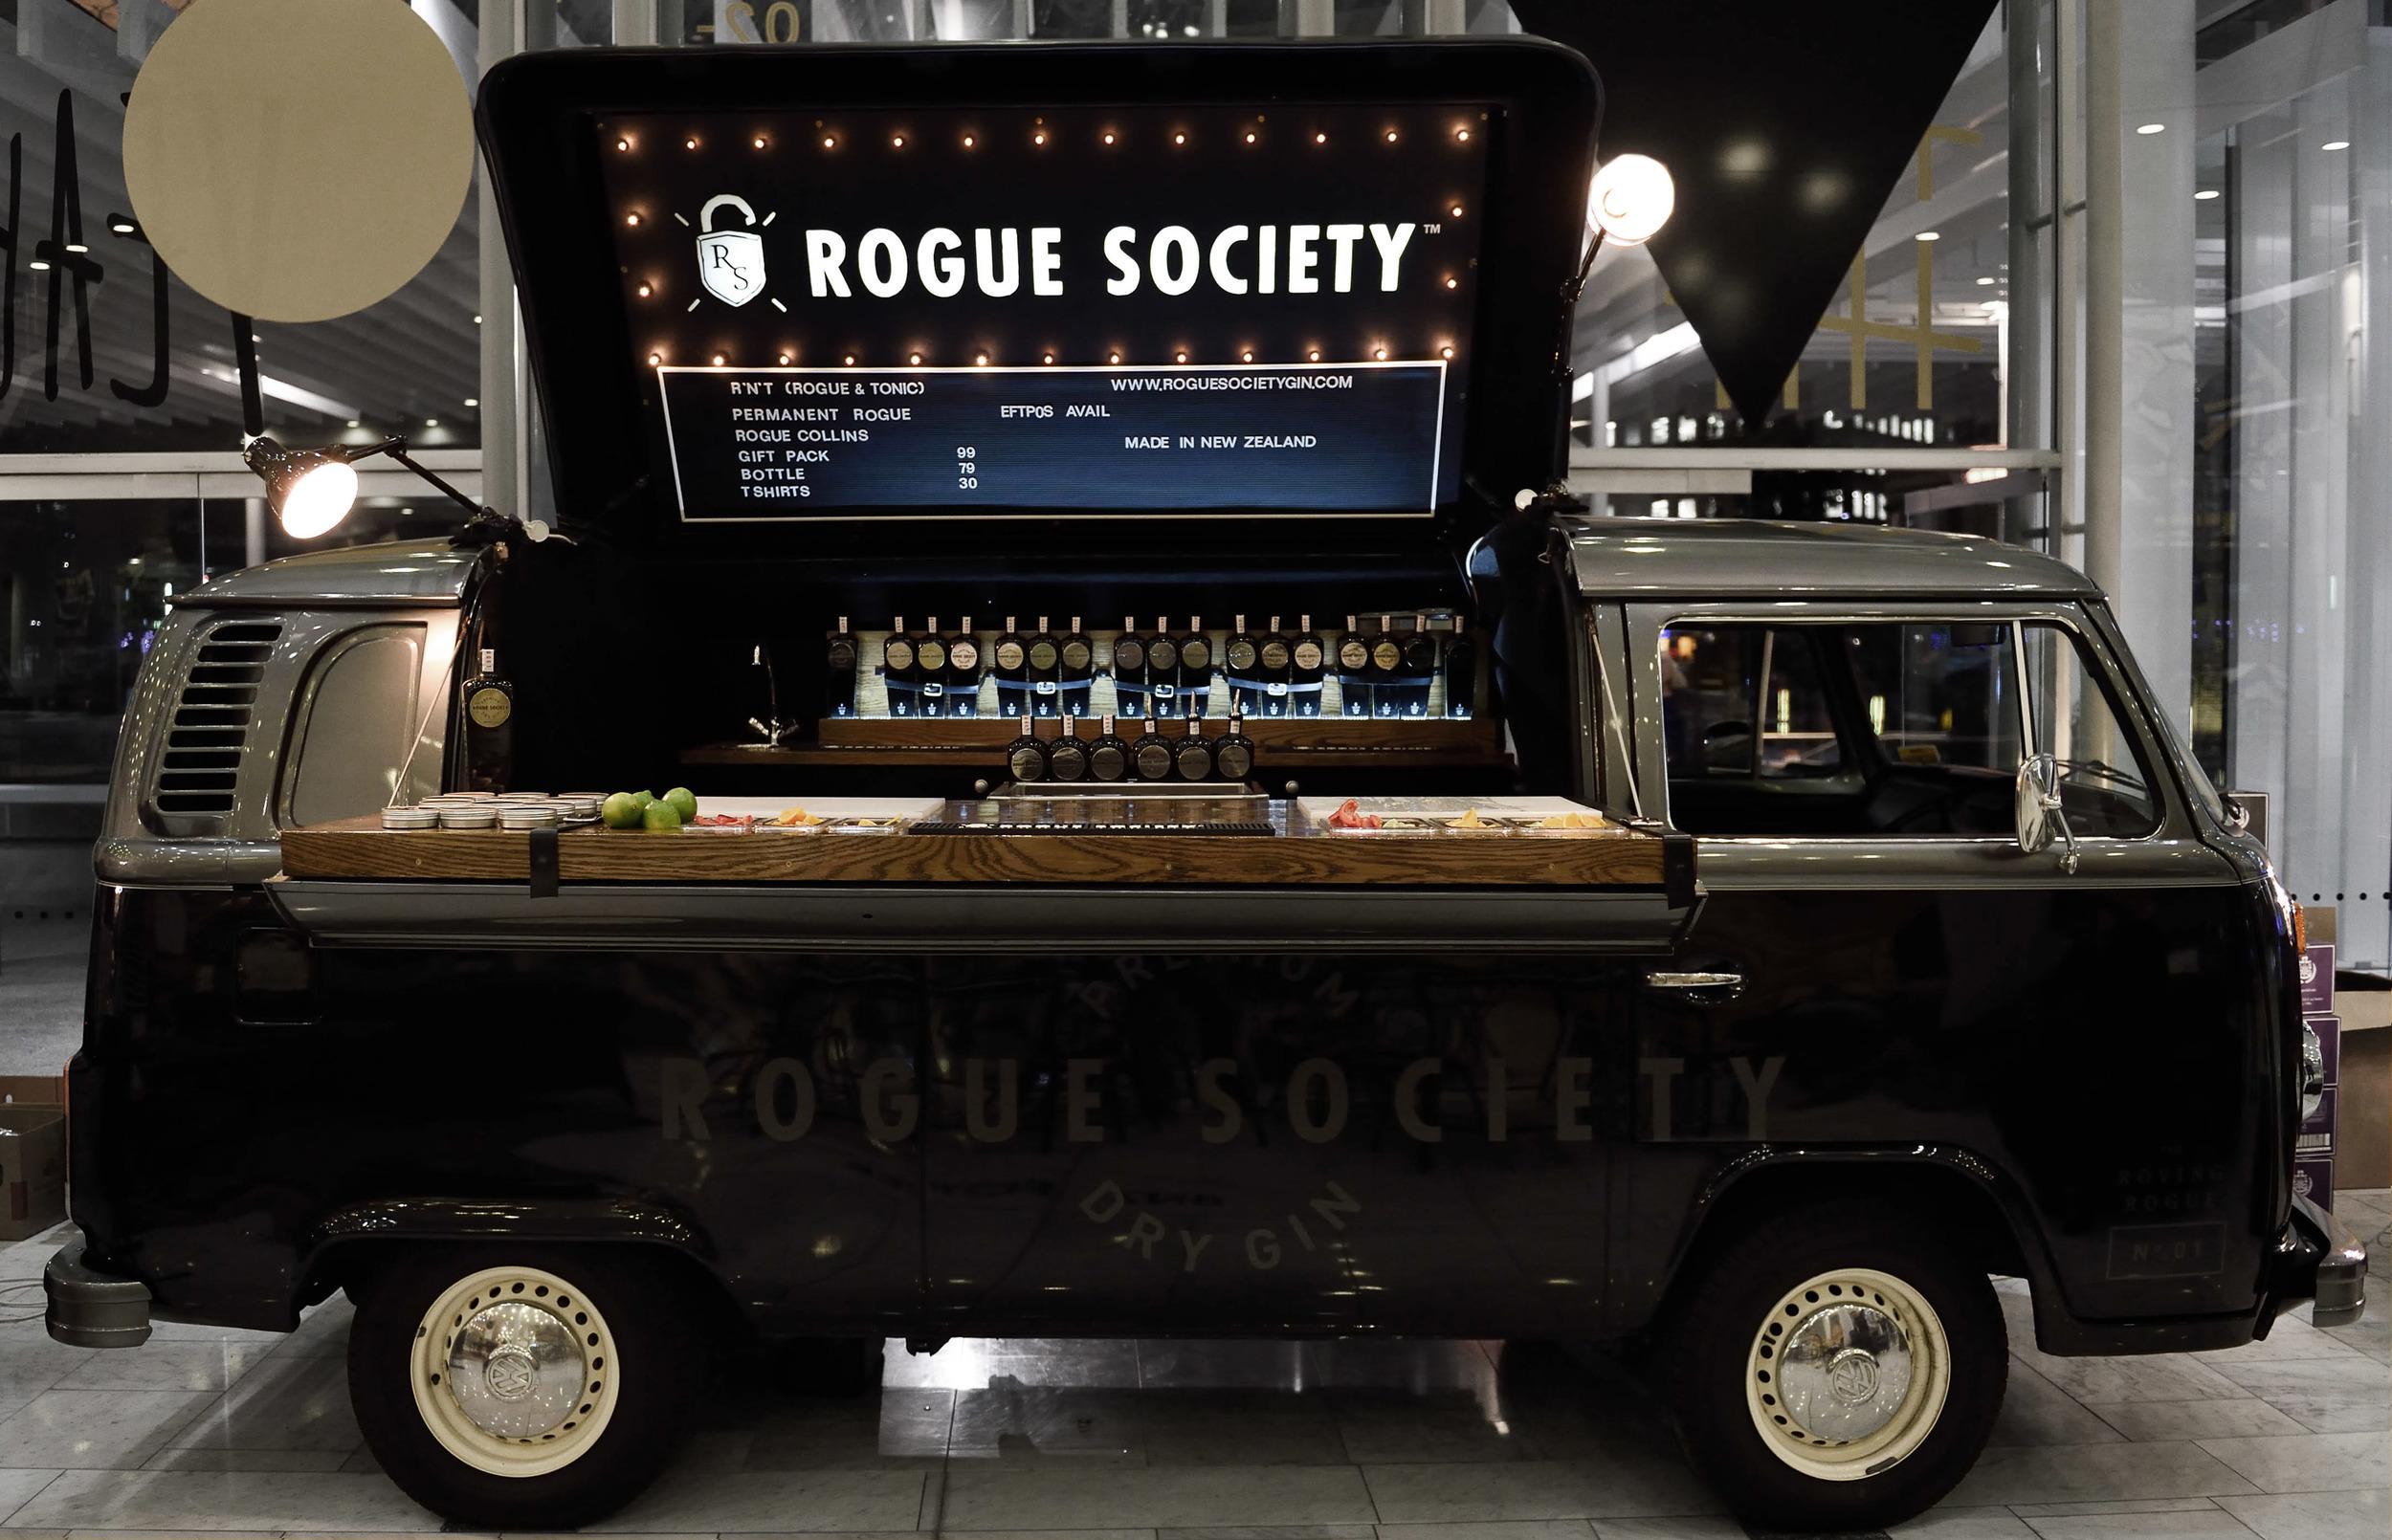 ROGUE SOCIETY GIN KOMBI.jpg